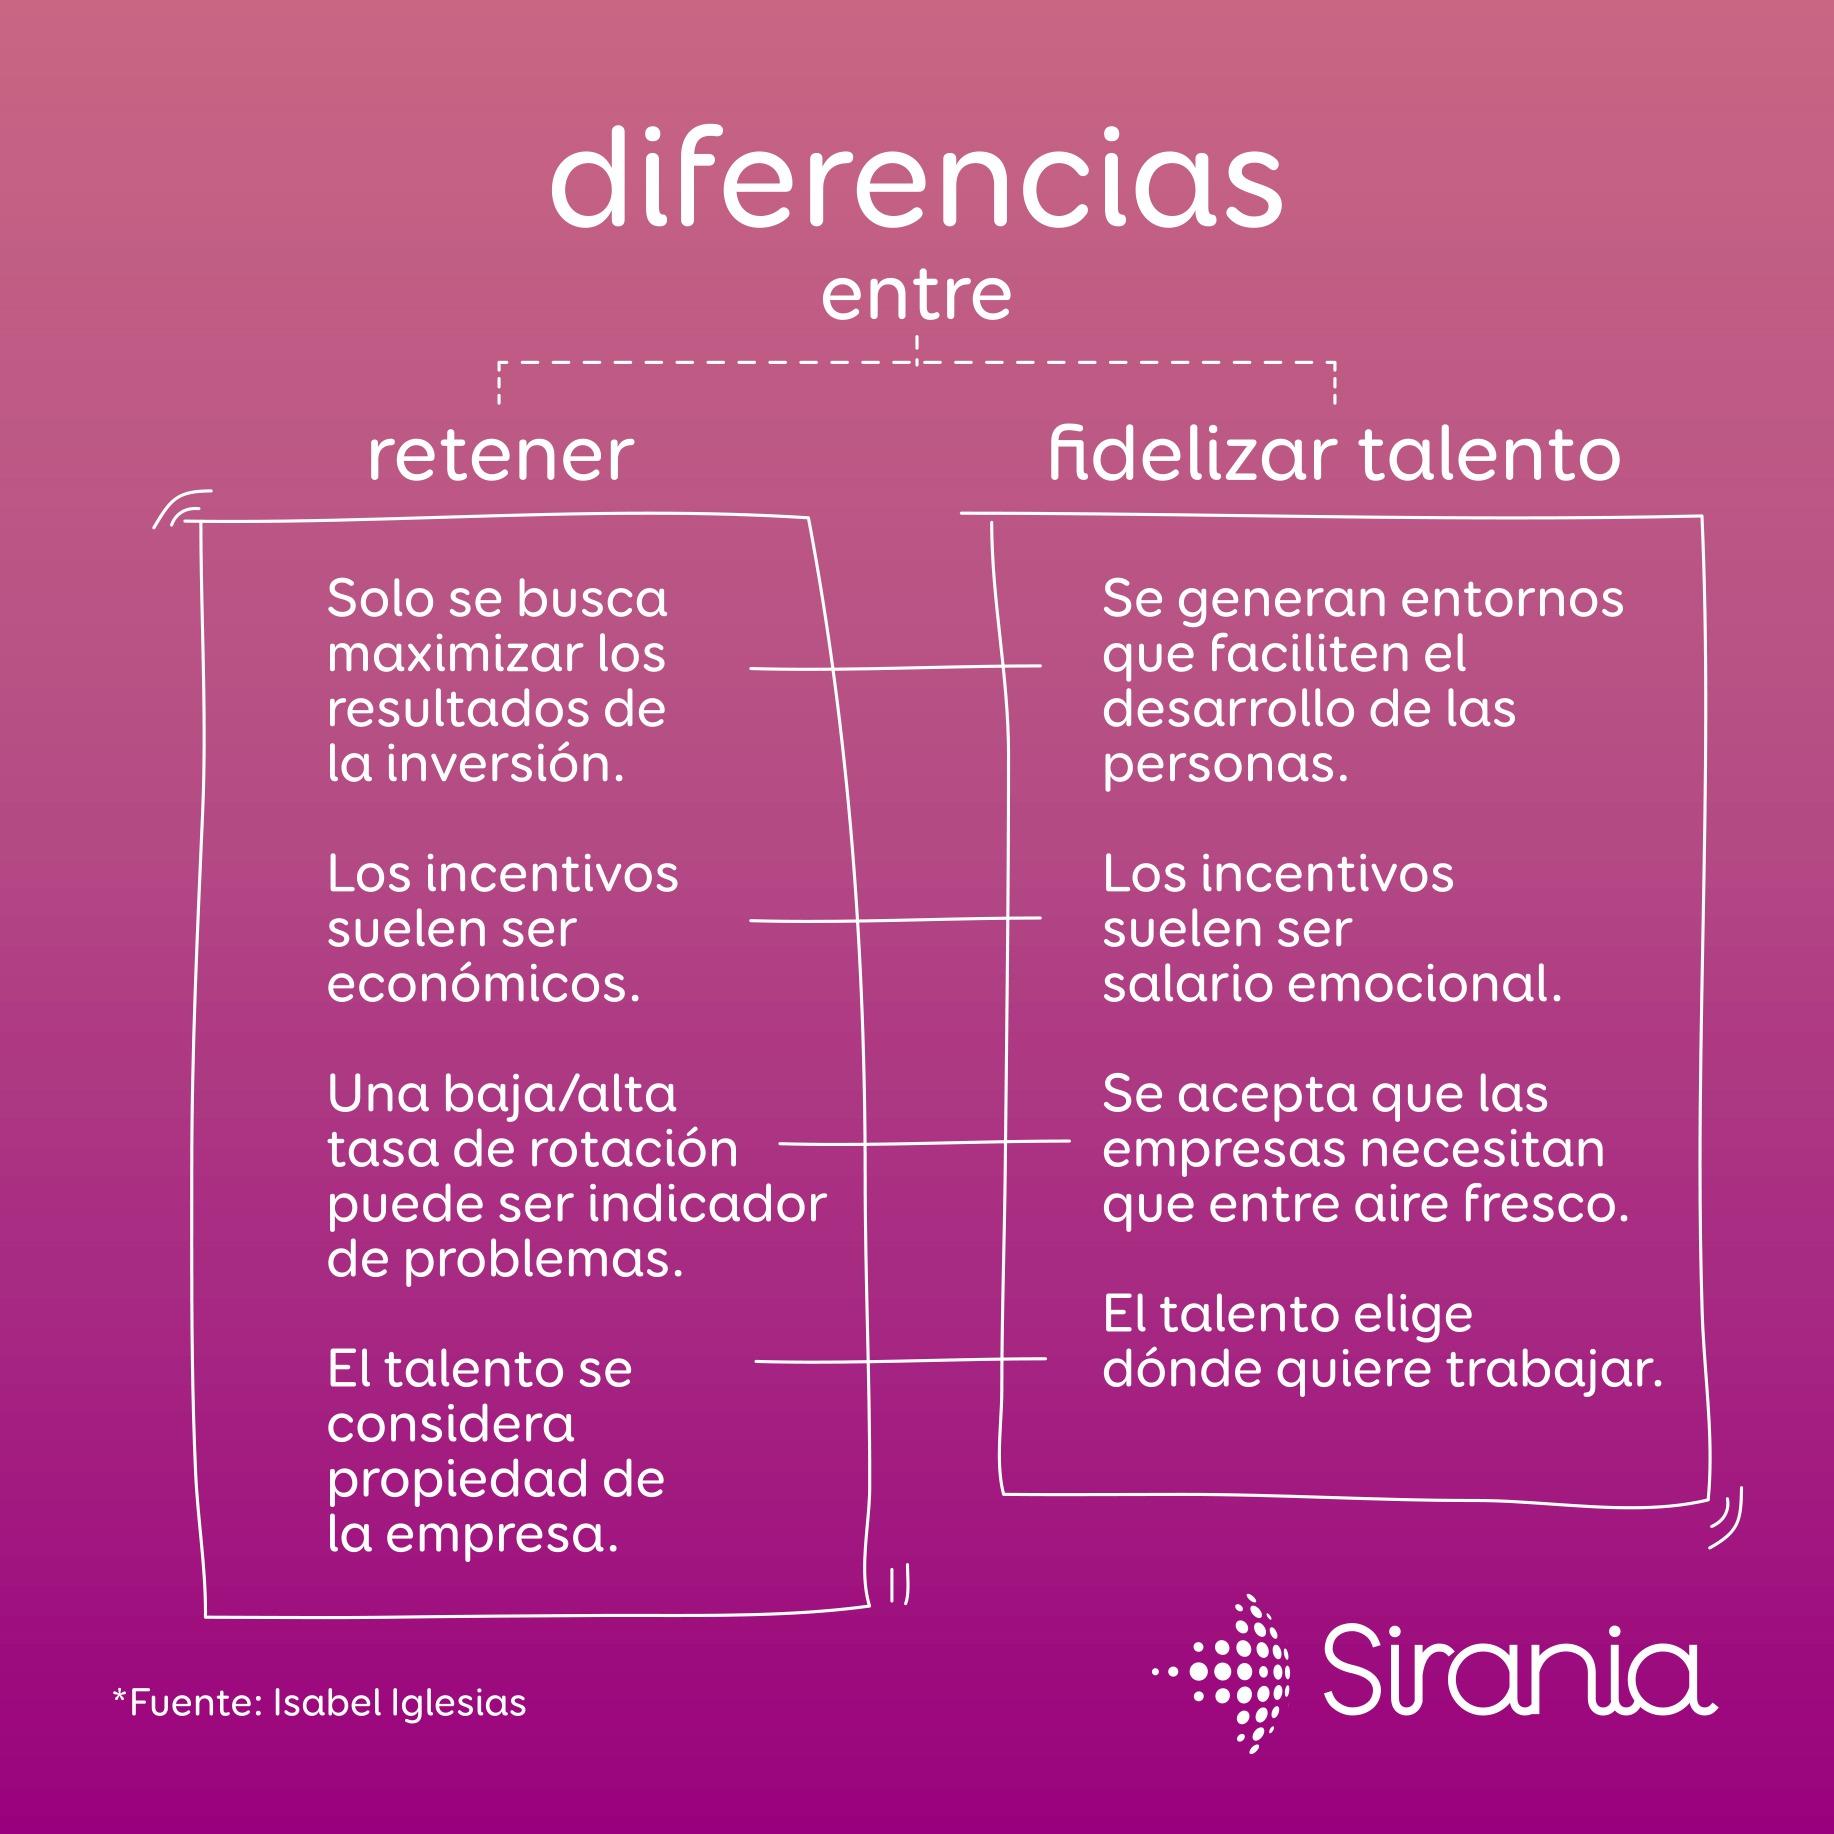 Diferencias entre retener y fidelizar talento